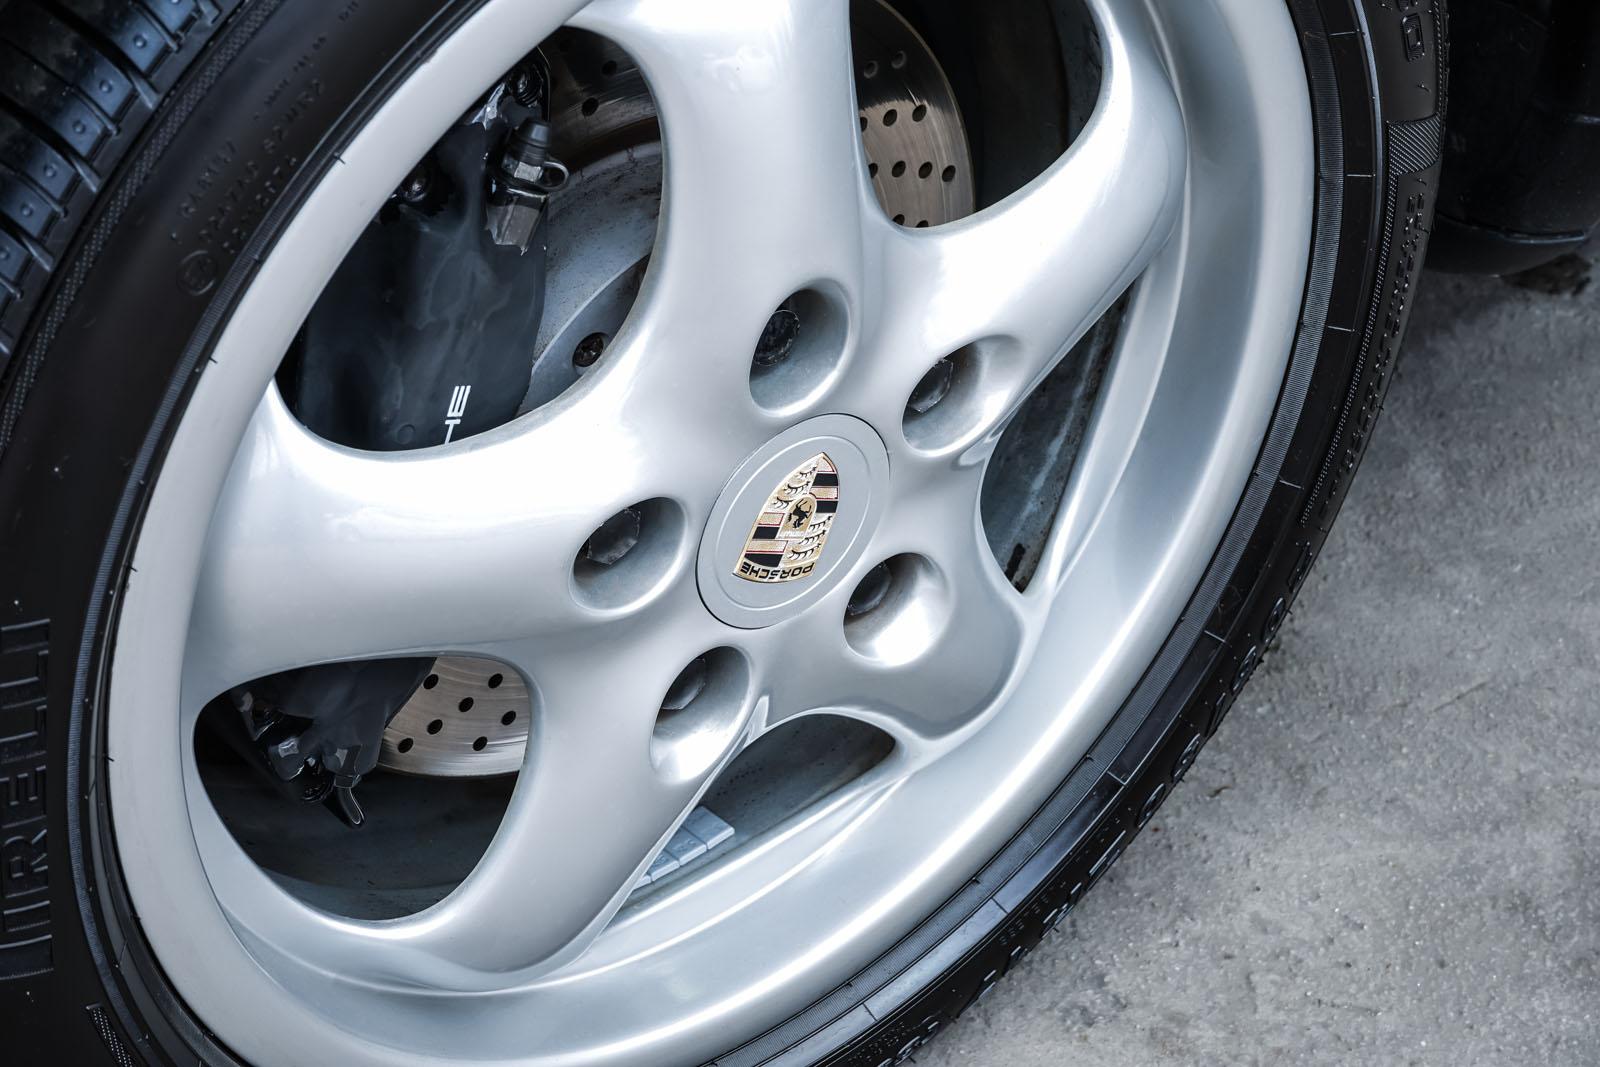 Porsche_993_C2_Cabrio_Black_Beige_POR-0137_11_w